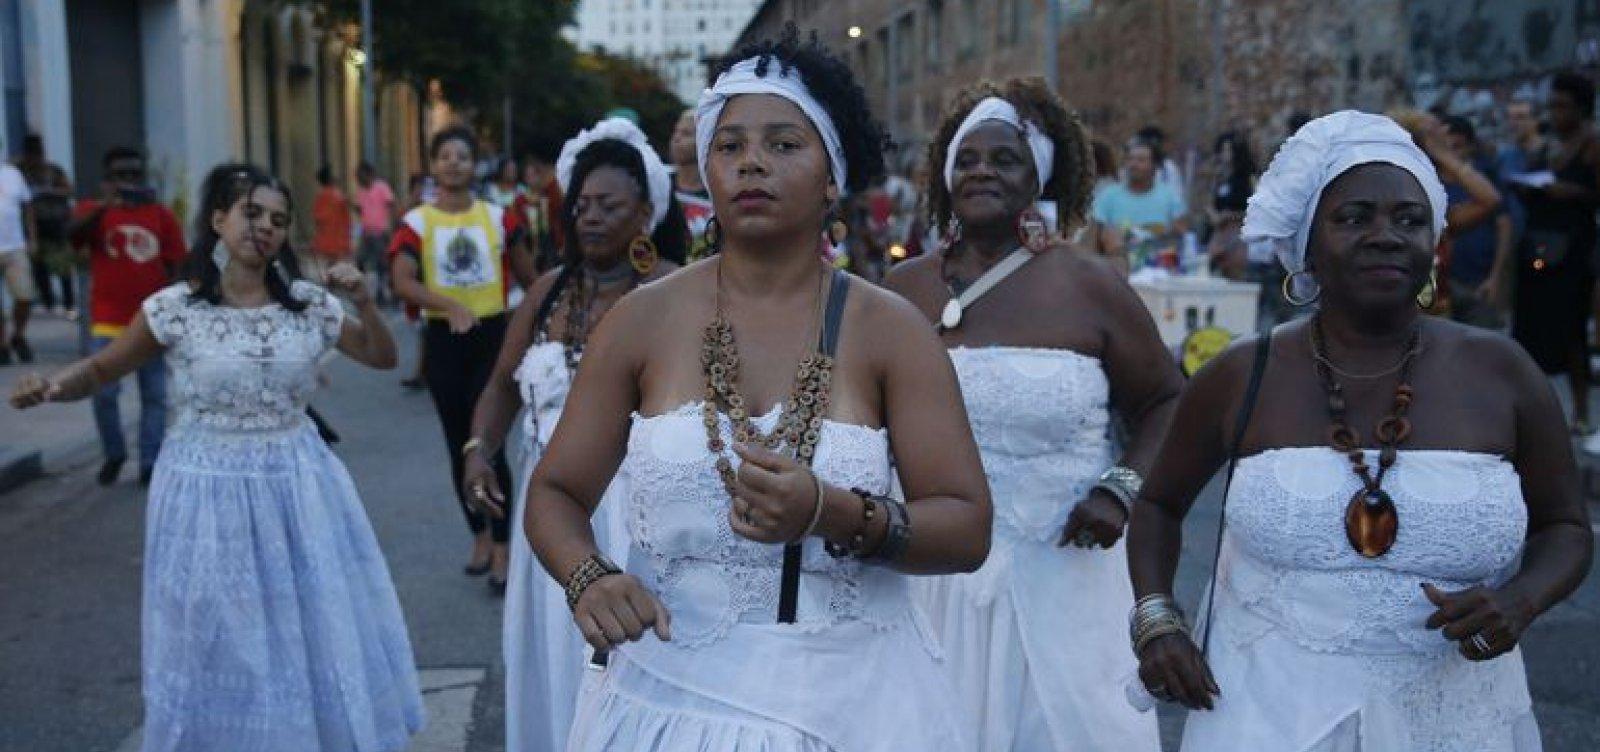 Pesquisa aponta que, para 61% dos brasileiros, Brasil é um país racista